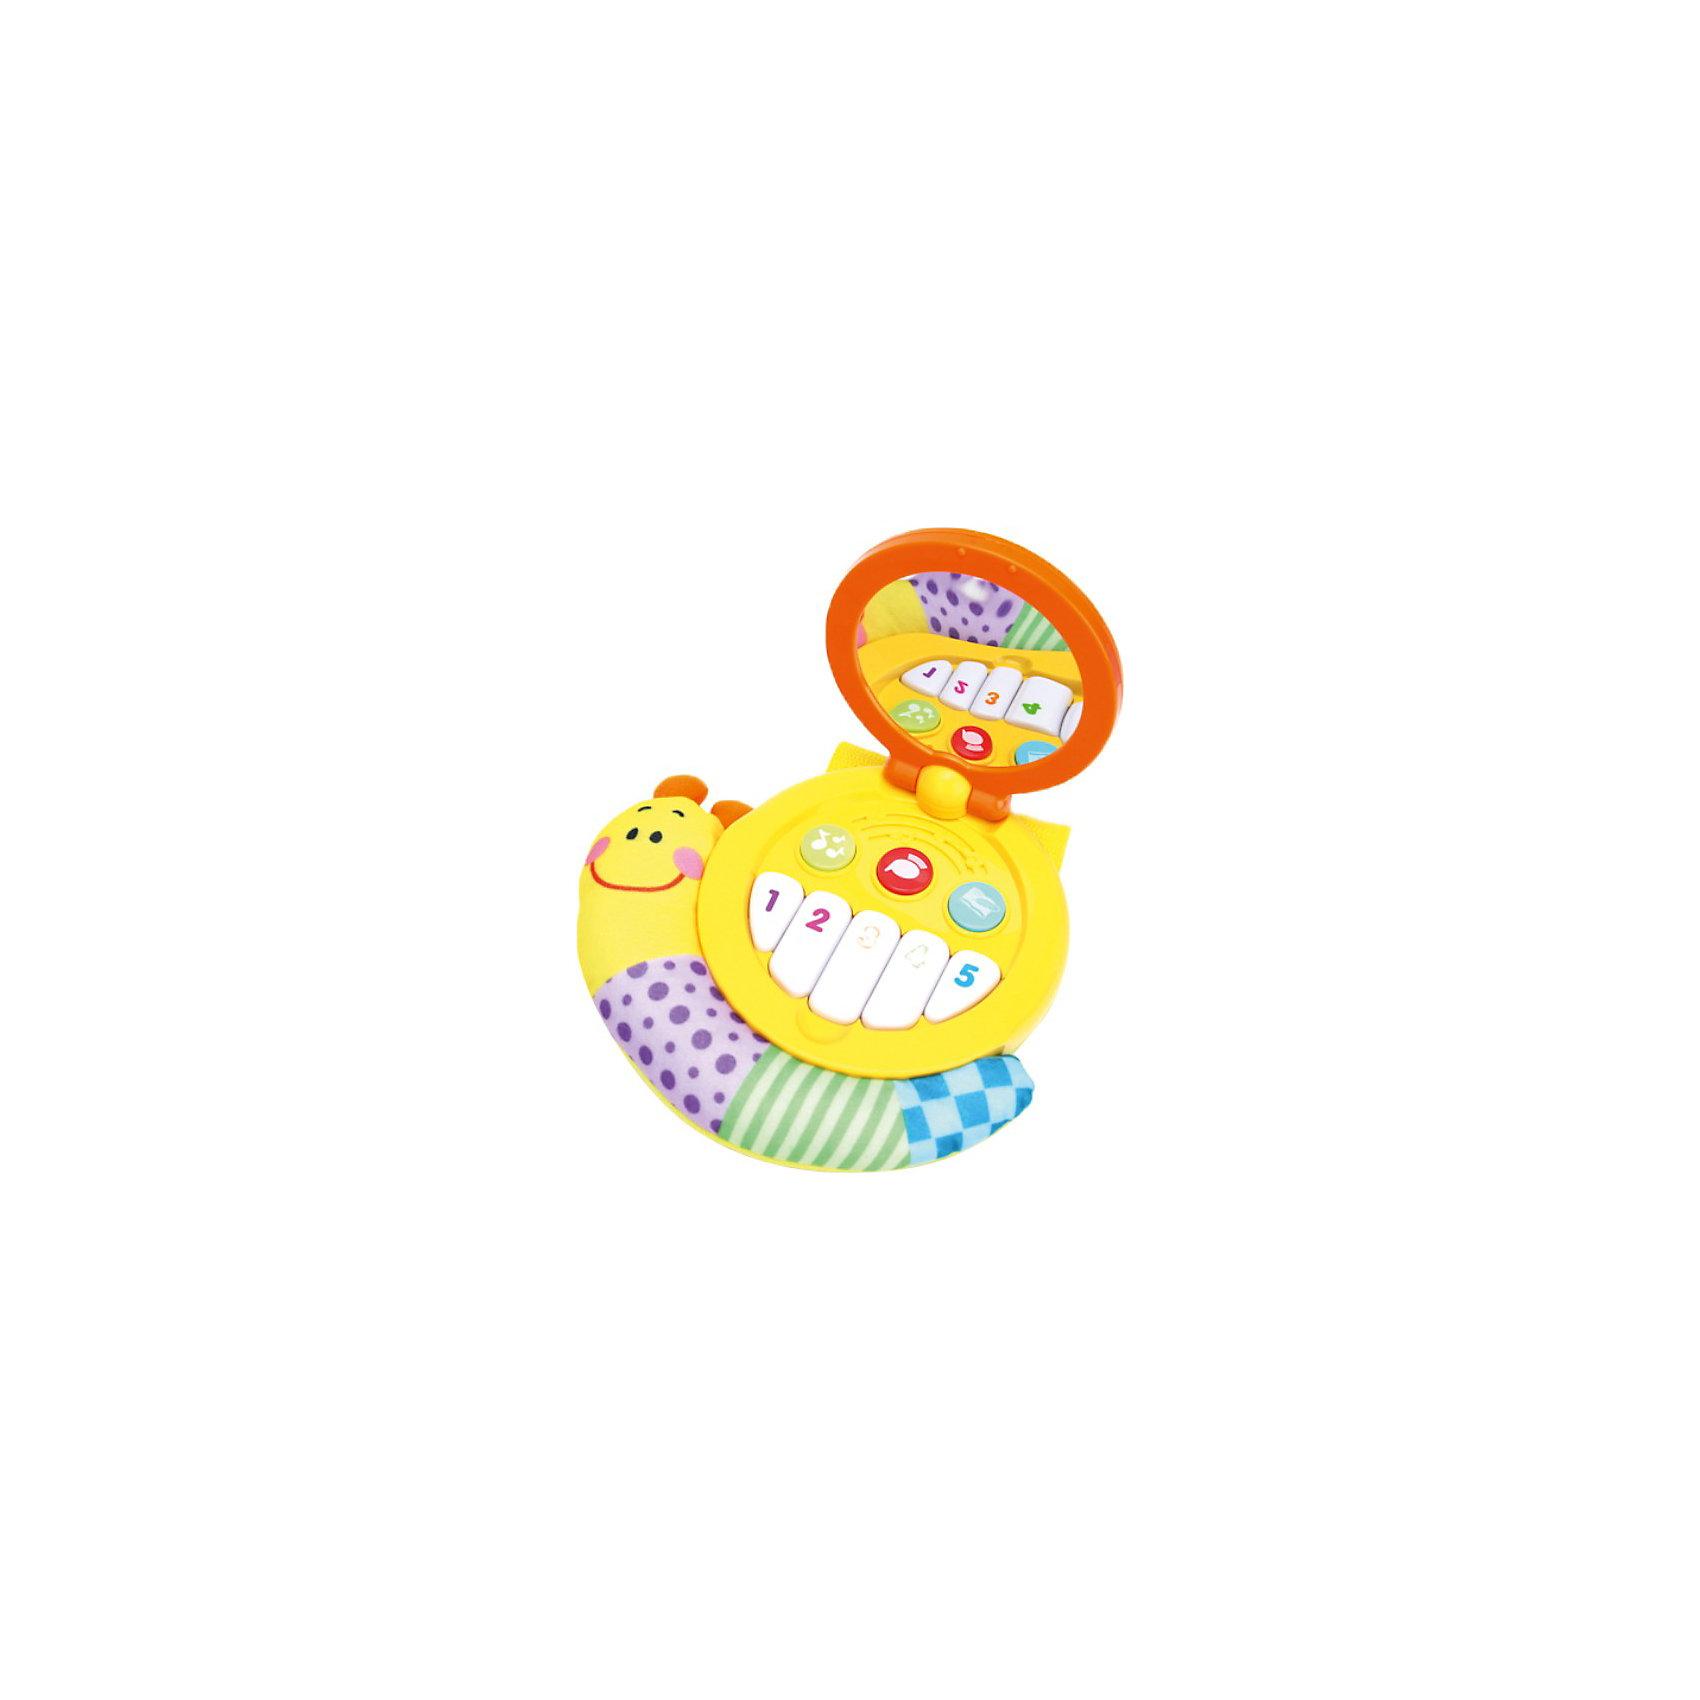 Обучающая улитка с волшебным зеркалом, со светом и звуком, Лунтик и его друзья, УмкаИгрушки<br>Обучающая улитка с волшебным зеркалом, со светом и звуком, Лунтик и его друзья, Умка – это увлекательный, развивающий игрушка для малыша.<br>Игрушка Обучающая улитка с волшебным зеркалом обязательно привлечет внимание ребенка. Она выполнена из пластика и текстильного материала ярких цветов. В мягком туловище улитки спрятан шуршащий элемент. Ракушка открывается. В верхней части расположено безопасное зеркальце. На нижней части малыш найдет пять пронумерованных клавиш и три круглые кнопочки. Цифры на кнопках от одного до пяти разных цветов.  При нажатии на одну из кнопок малыш сможет прослушать небольшие отрезки из пяти песен. Если нажать на вторую кнопку, то ребенок познакомится с голосами пчелки, птички, уточки, лягушки, бабочки. Стоит нажать на третью кнопку, и ребенок прослушает стишки о них. Во время воспроизведения песенки или стихотворения о животном или насекомом его изображение появляется на зеркальце. С помощью специальных текстильных ремней с липучками улитку можно закрепить на кроватке малыша или другом удобном месте. Обучающая игрушка Улитка поможет малышу развить зрительное и слуховое восприятия, мышление, память, мелкую моторику рук, а также познакомит с цветами и цифрами.<br><br>Дополнительная информация:<br><br>- Песенки: Песенка мышонка (Какой чудесный день); Песня про улыбку из мультфильма Крошка Енот; Облака, белогривые лошадки; В траве сидел кузнечик; Песенка про лето из мультфильма Дед Мороз и лето<br>- Материалы: высококачественный пластик, текстиль<br>- Размер: 21х20х6,5 см.<br>- Батарейки: три батарейки 1,5V АА в комплекте<br><br>Обучающую улитку с волшебным зеркалом, со светом и звуком, Лунтик и его друзья, Умка можно купить в нашем интернет-магазине.<br><br>Ширина мм: 290<br>Глубина мм: 230<br>Высота мм: 70<br>Вес г: 580<br>Возраст от месяцев: 12<br>Возраст до месяцев: 60<br>Пол: Унисекс<br>Возраст: Детский<br>SKU: 3804917